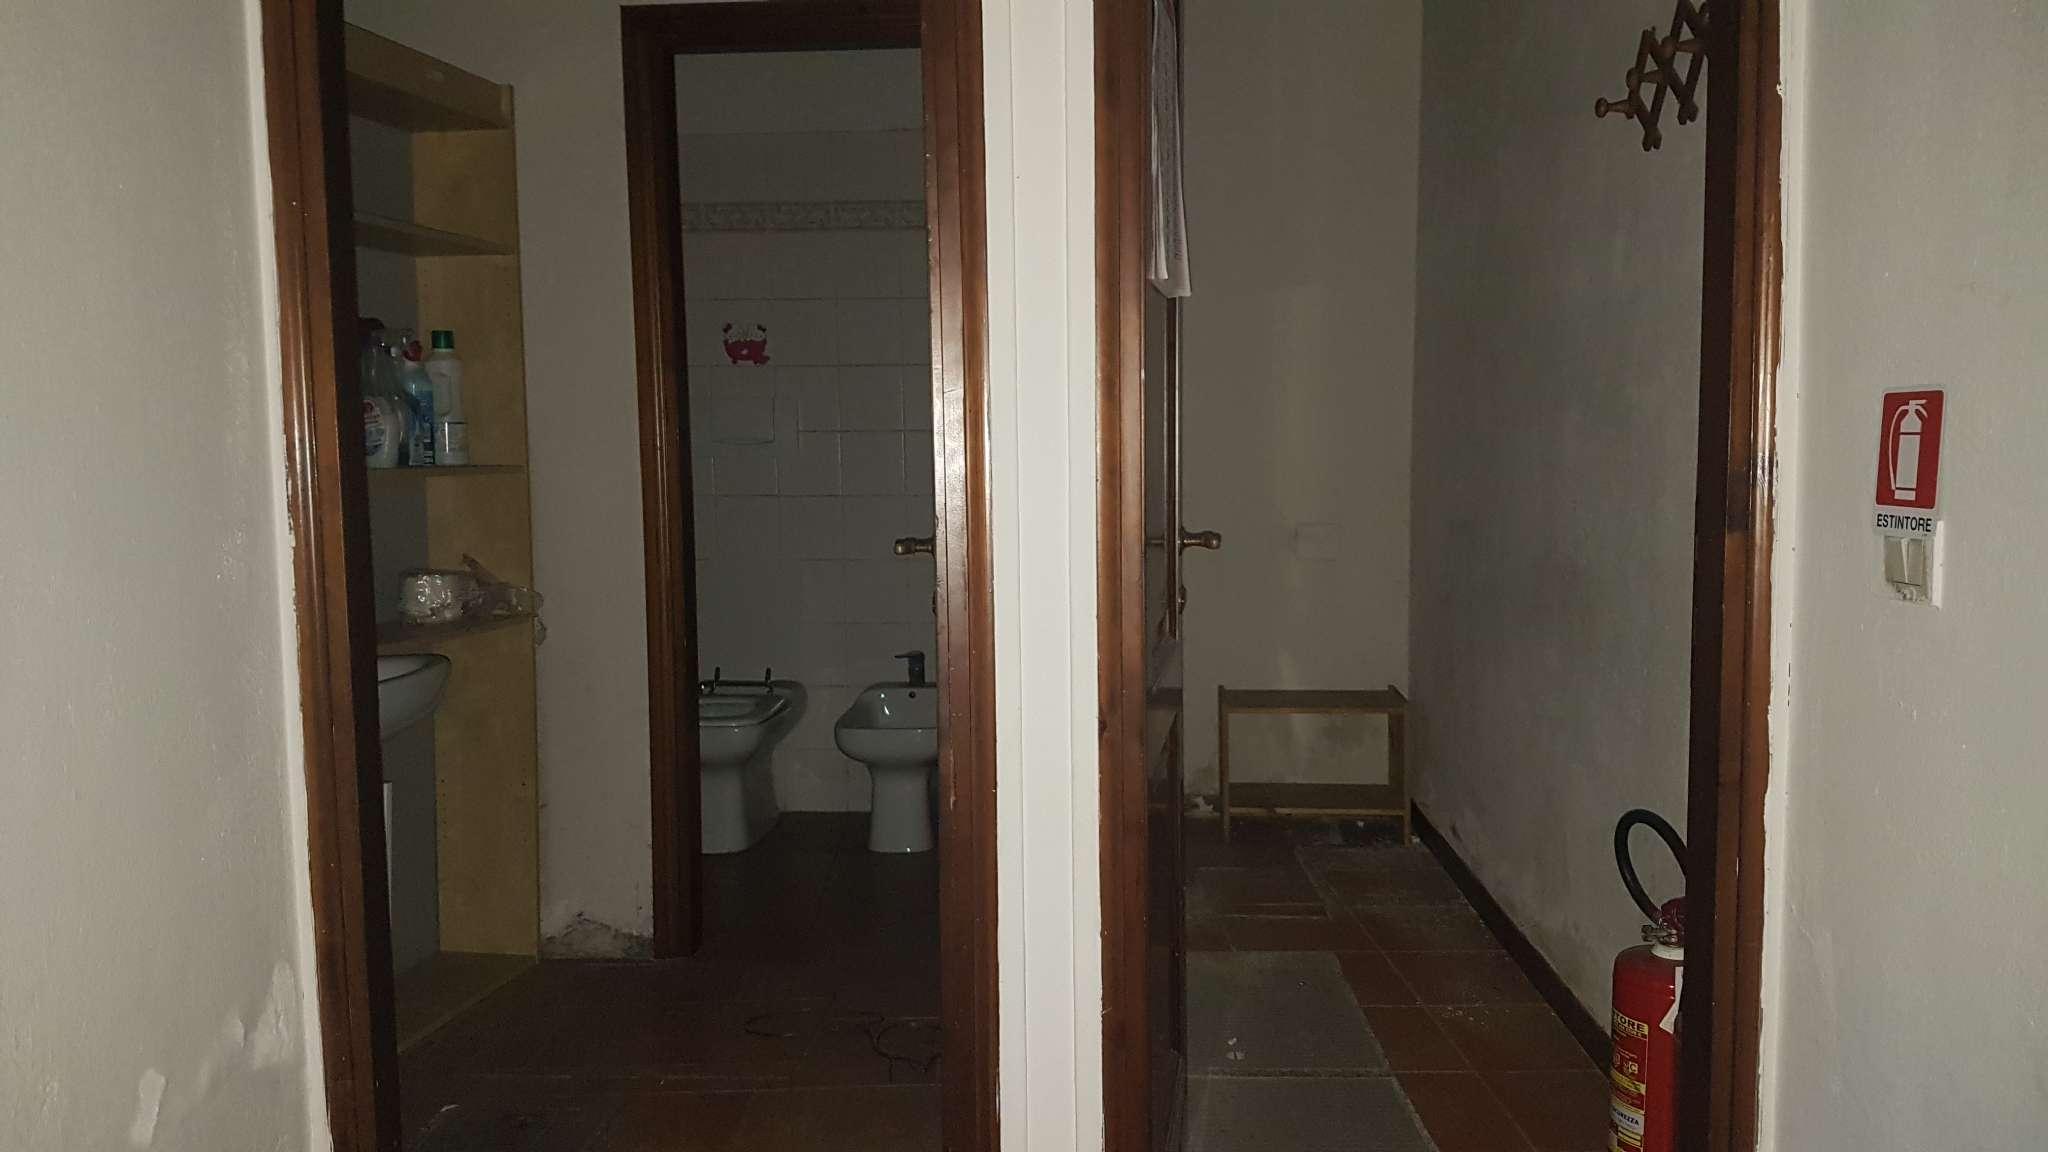 Negozio / Locale in affitto a Prato, 1 locali, prezzo € 400   Cambio Casa.it